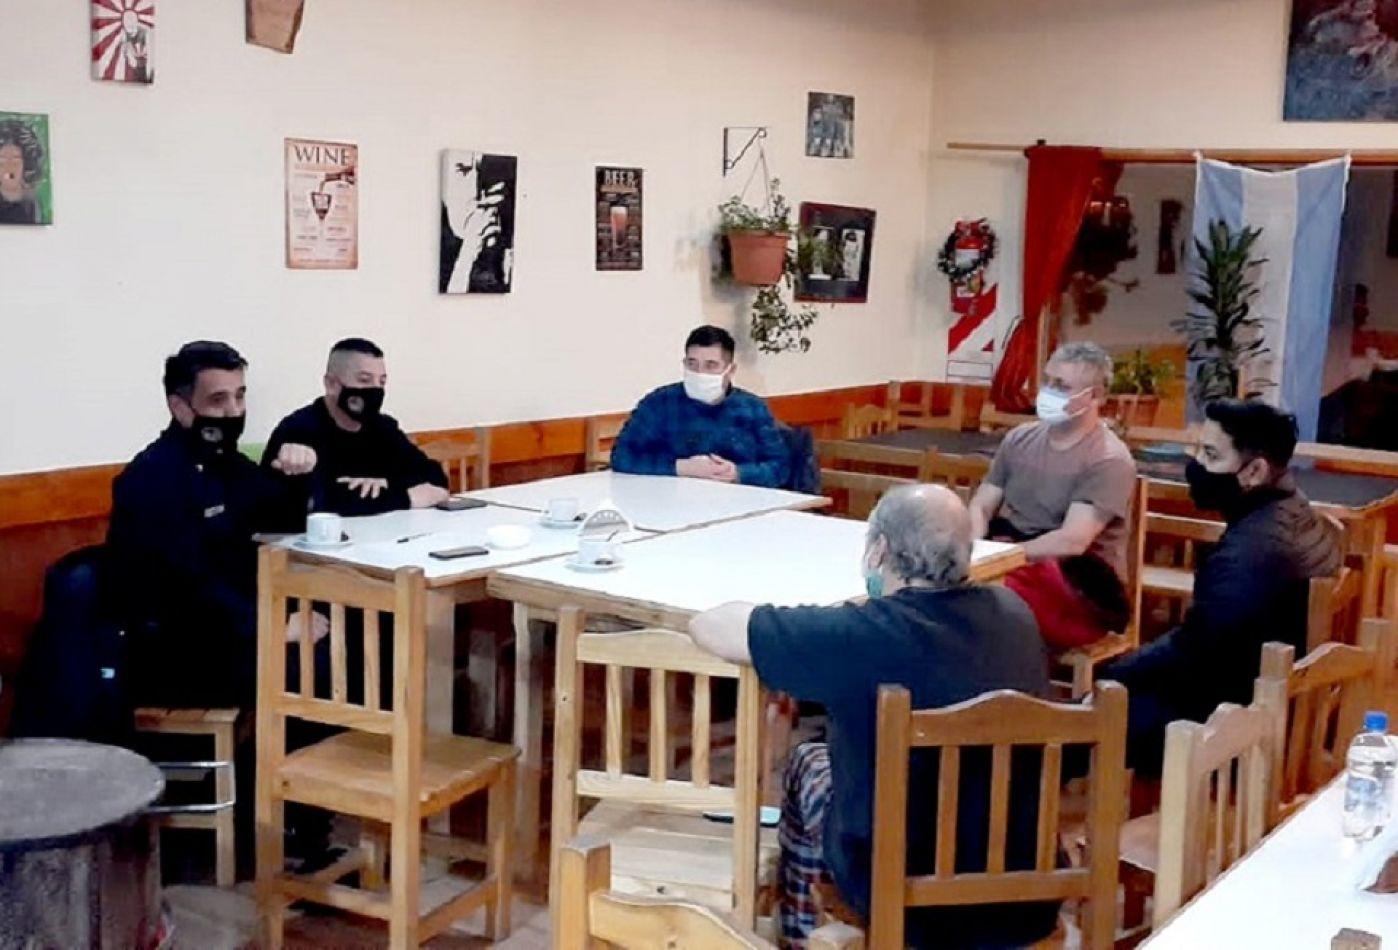 Comisarios de Tolhuin mantuvieron un encuentro con los vecinos referentes de distintos barrios.